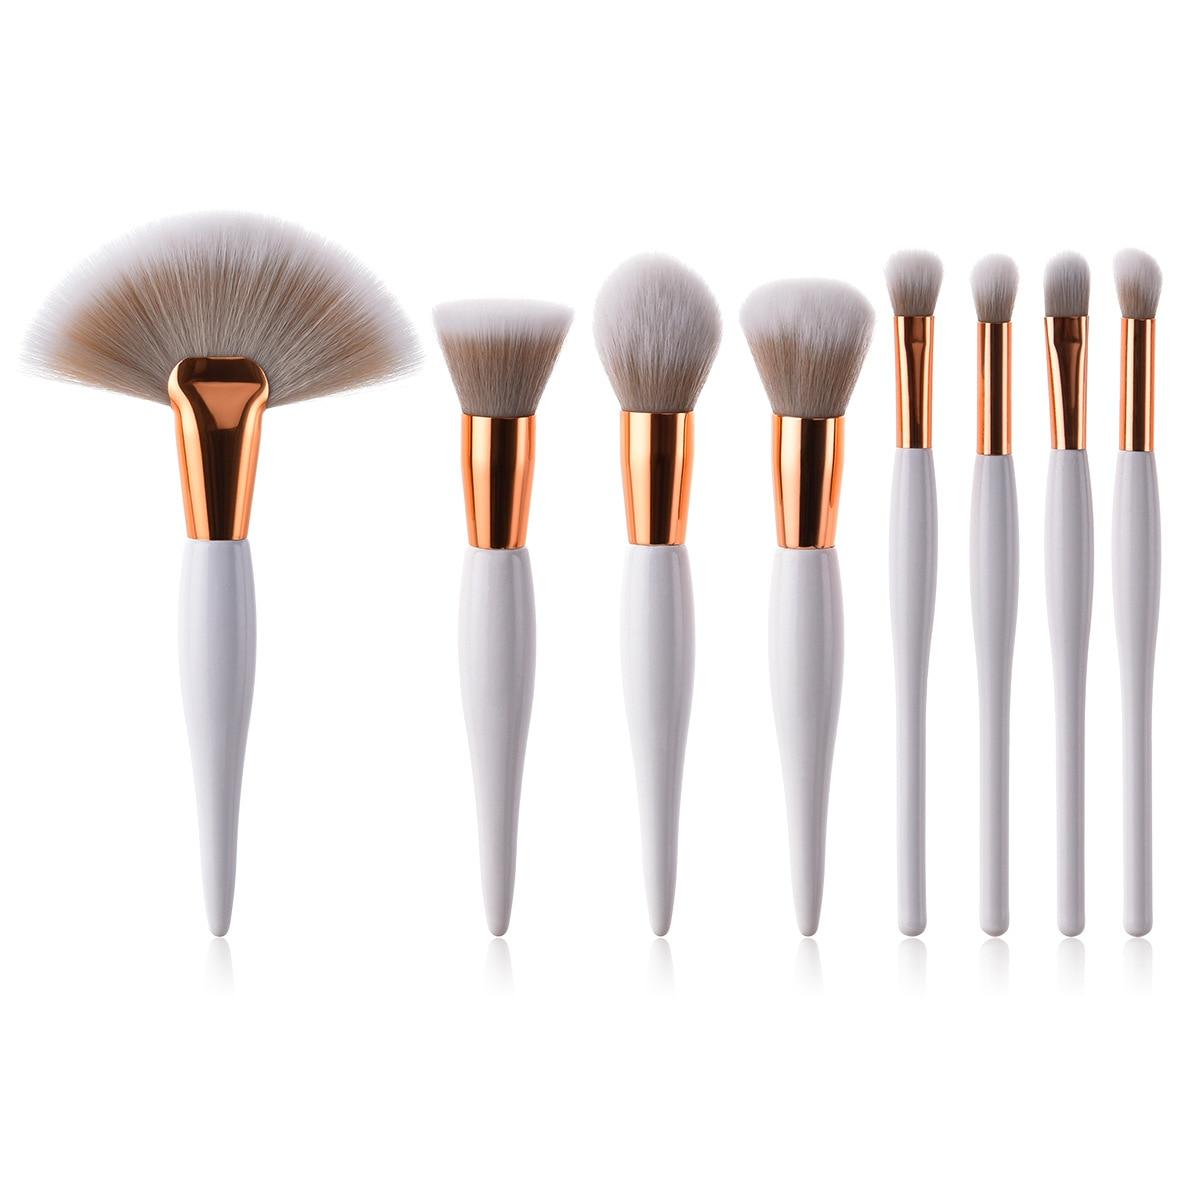 8/4Pcs Professional Makeup Brushes Set Powder Blush Foundation Eyeshadow Make Up Fan Brushes Cosmetic Kwasten Sets Nylon Brushes